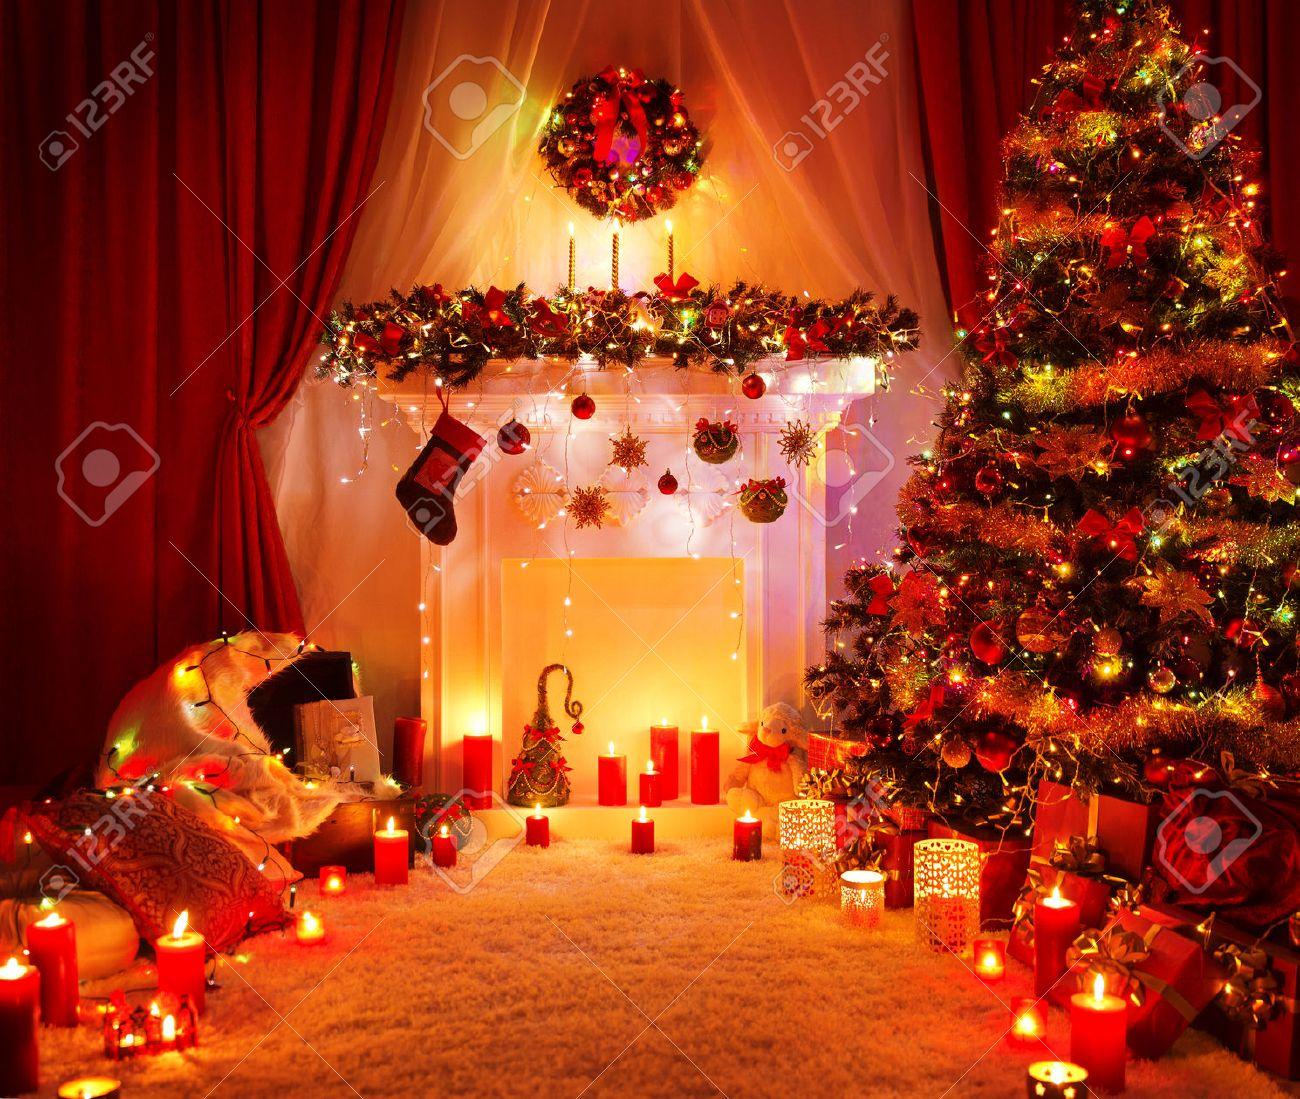 Zimmer Weihnachtsbaum Kamin Lichter Weihnachten Wohngebaude Innen